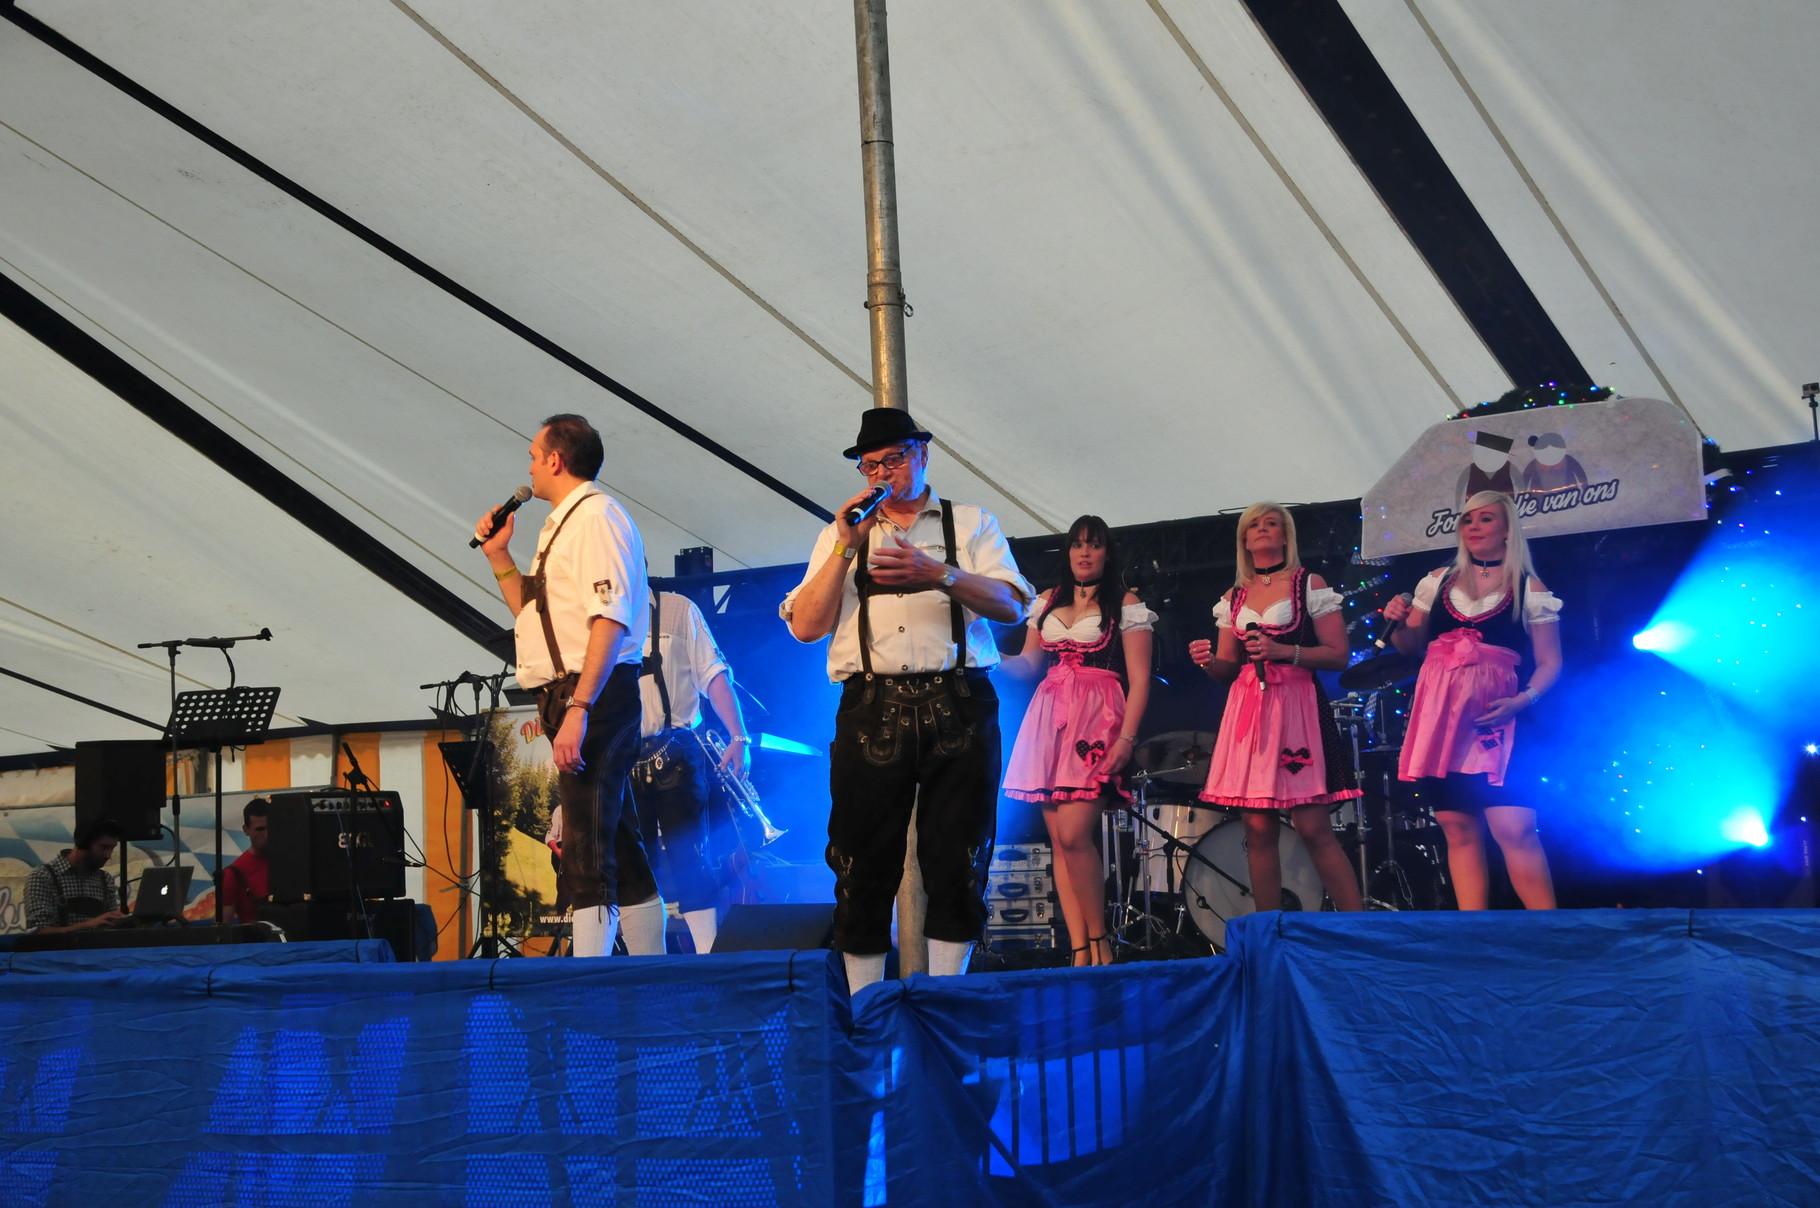 Limburgs Oktoberfest Meeuwen